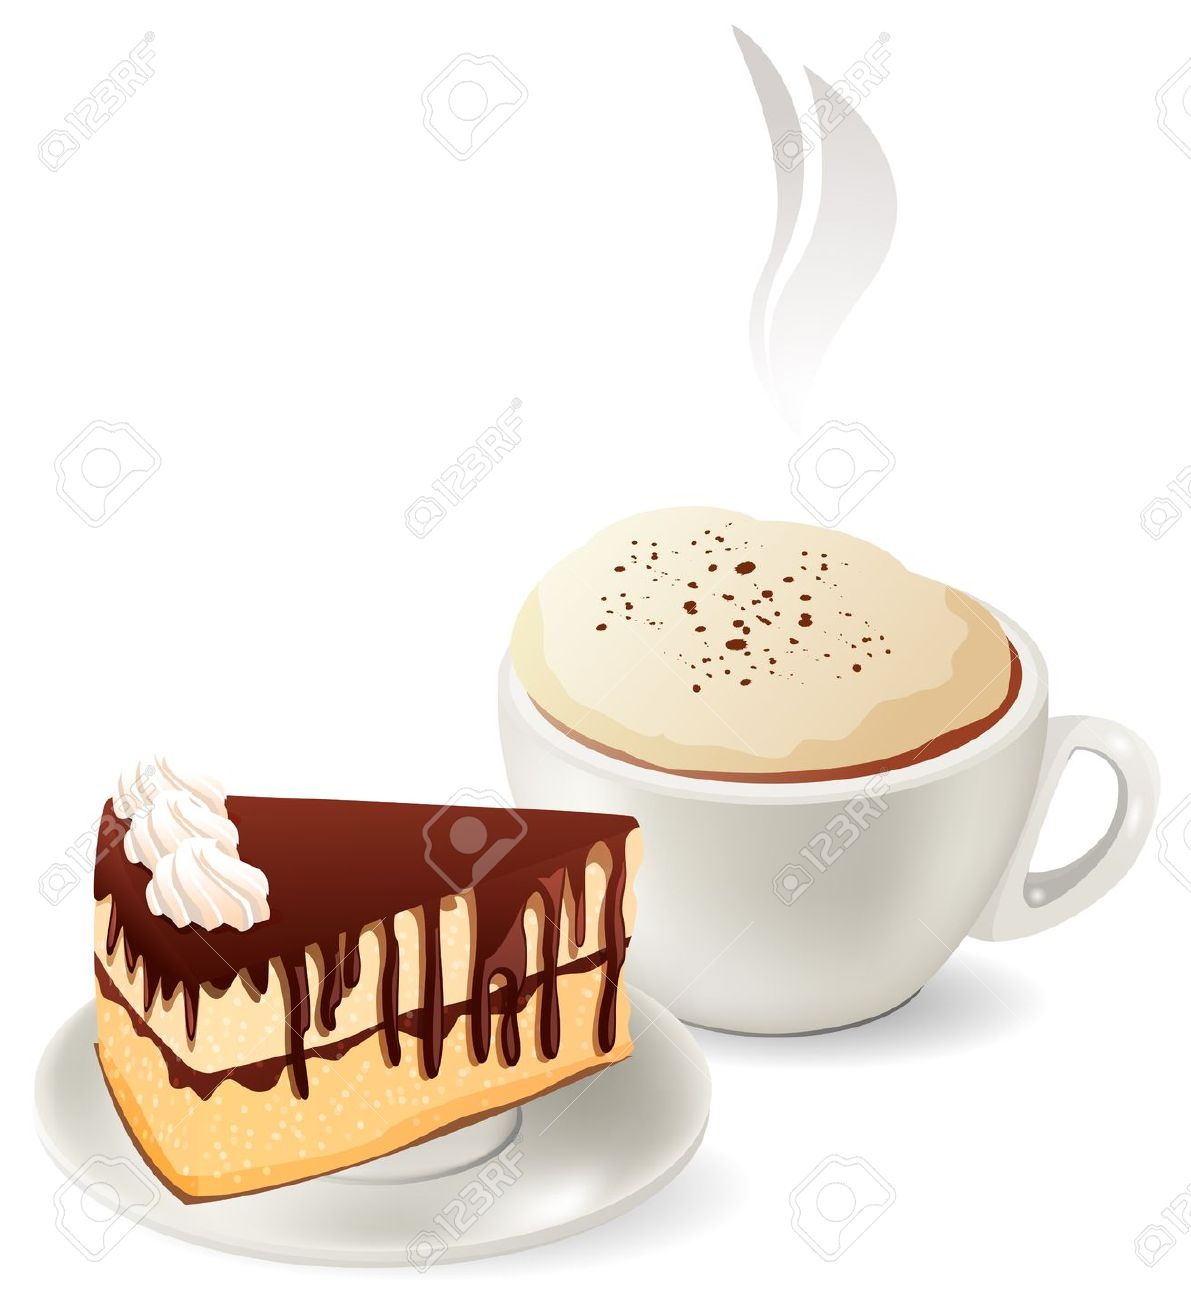 Kaffee Kuchen Bilder Kostenlos Einladung Kaffee Und Kuchen Luxus